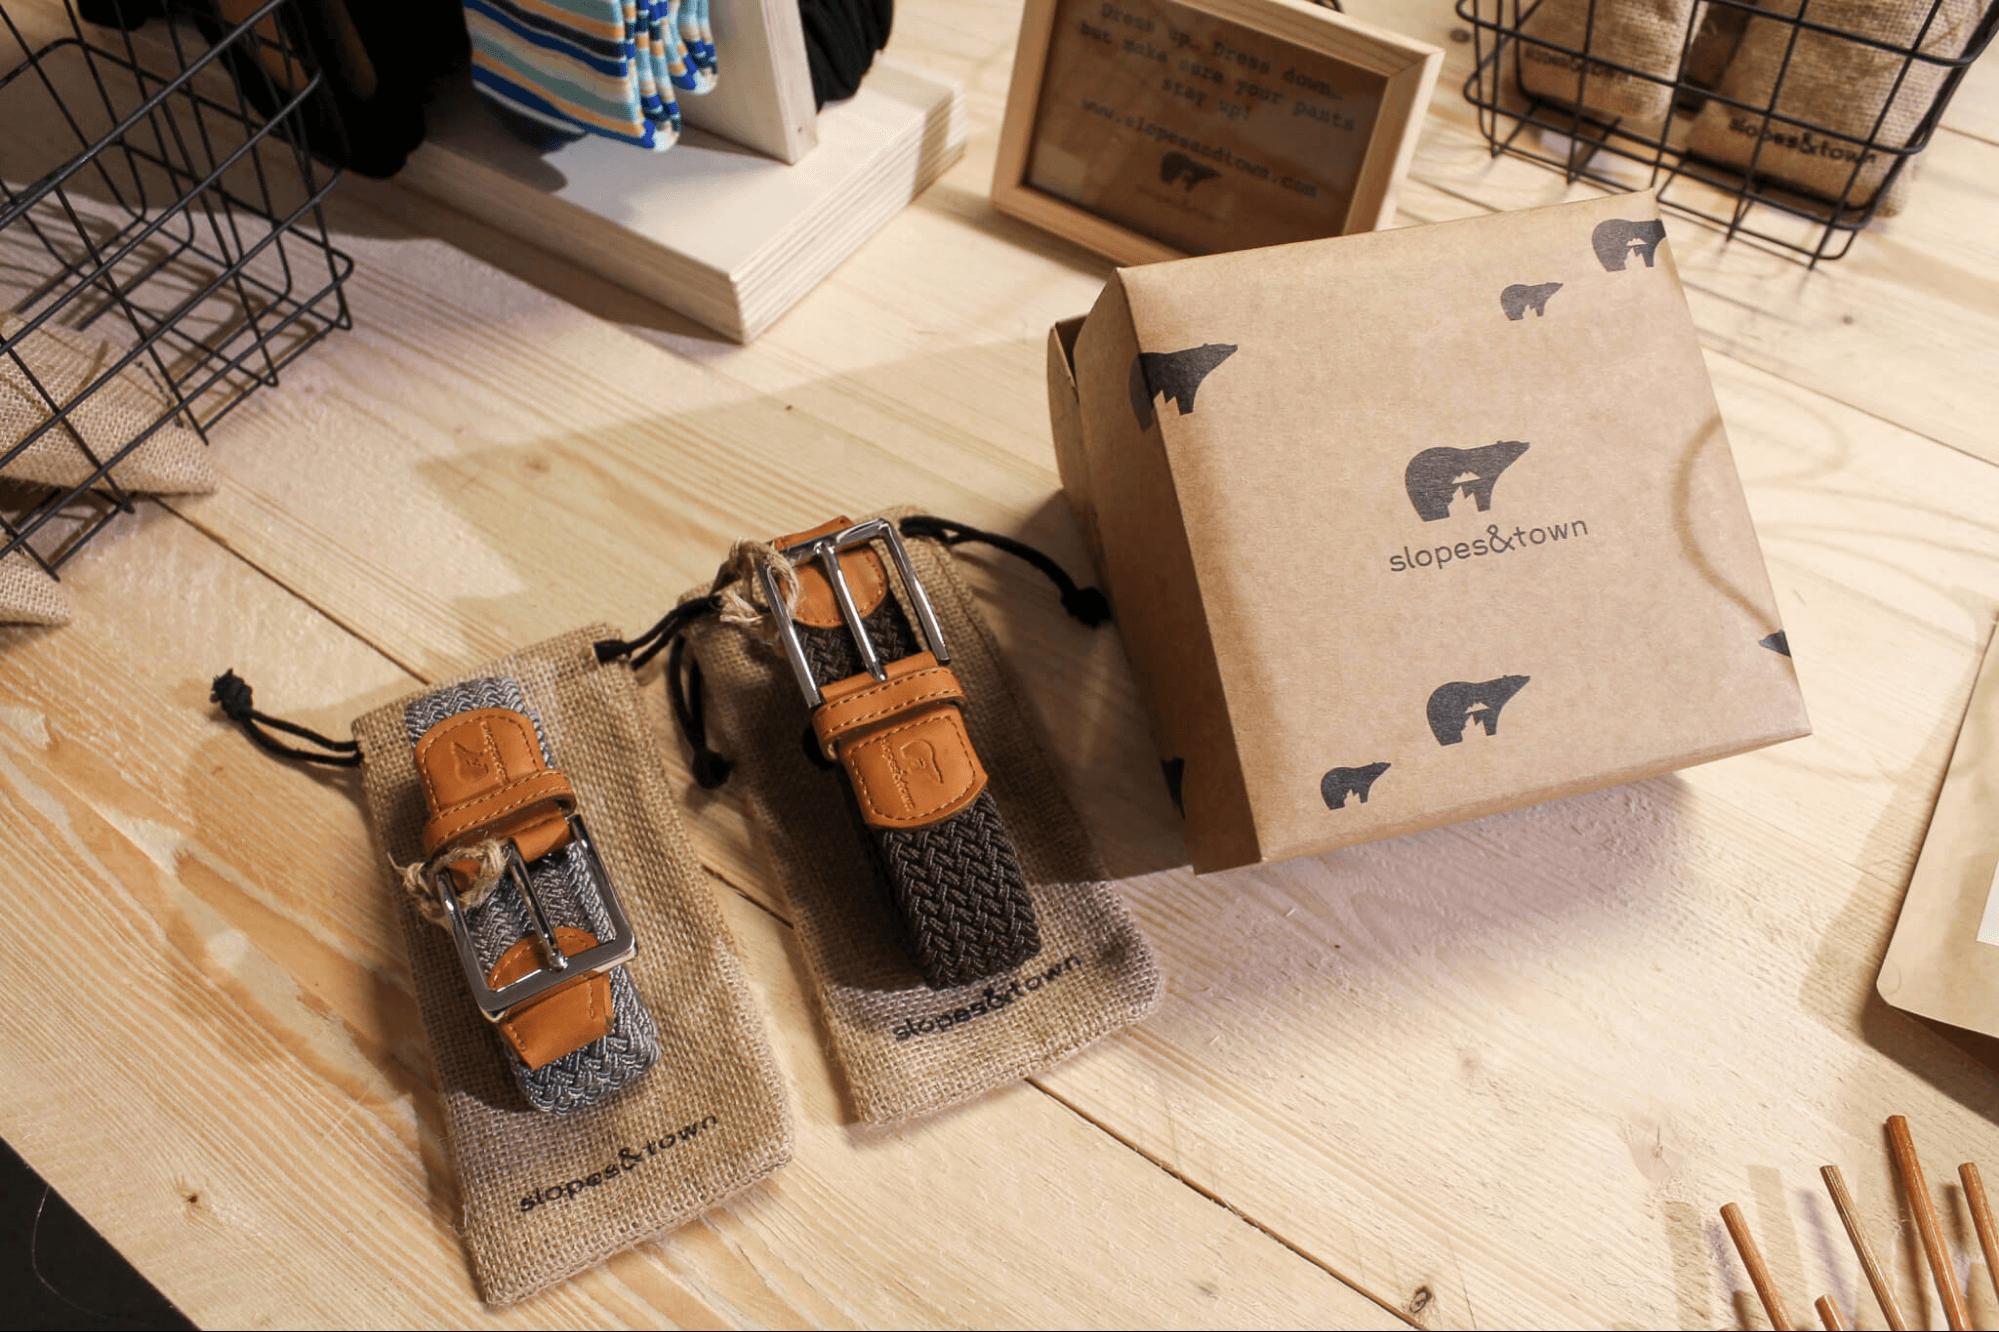 Emballage écologique en éco carton de la marque Slopes & Town conçu par Packhelp